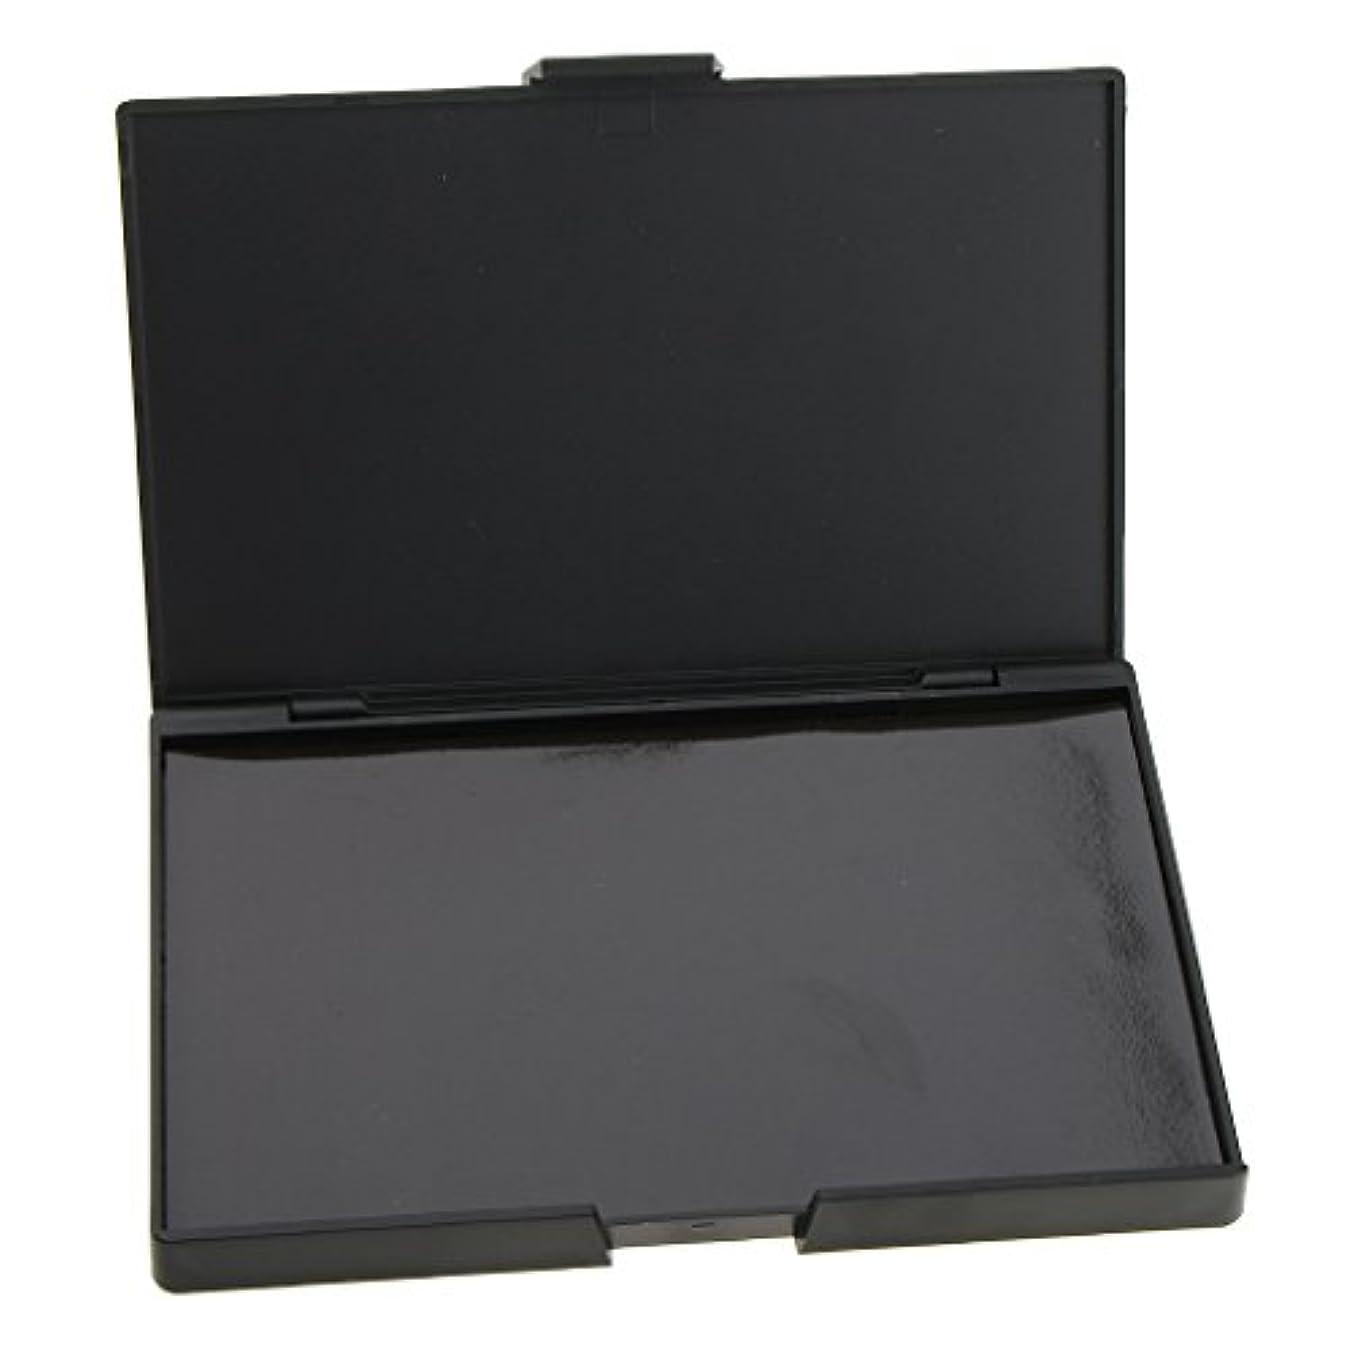 インシデント不潔受け皿磁気パレットボックス 空パレット パン付きパレット 2個 アイシャドウ パウダー メイクケース DIY 磁気パレット 収納ボックス